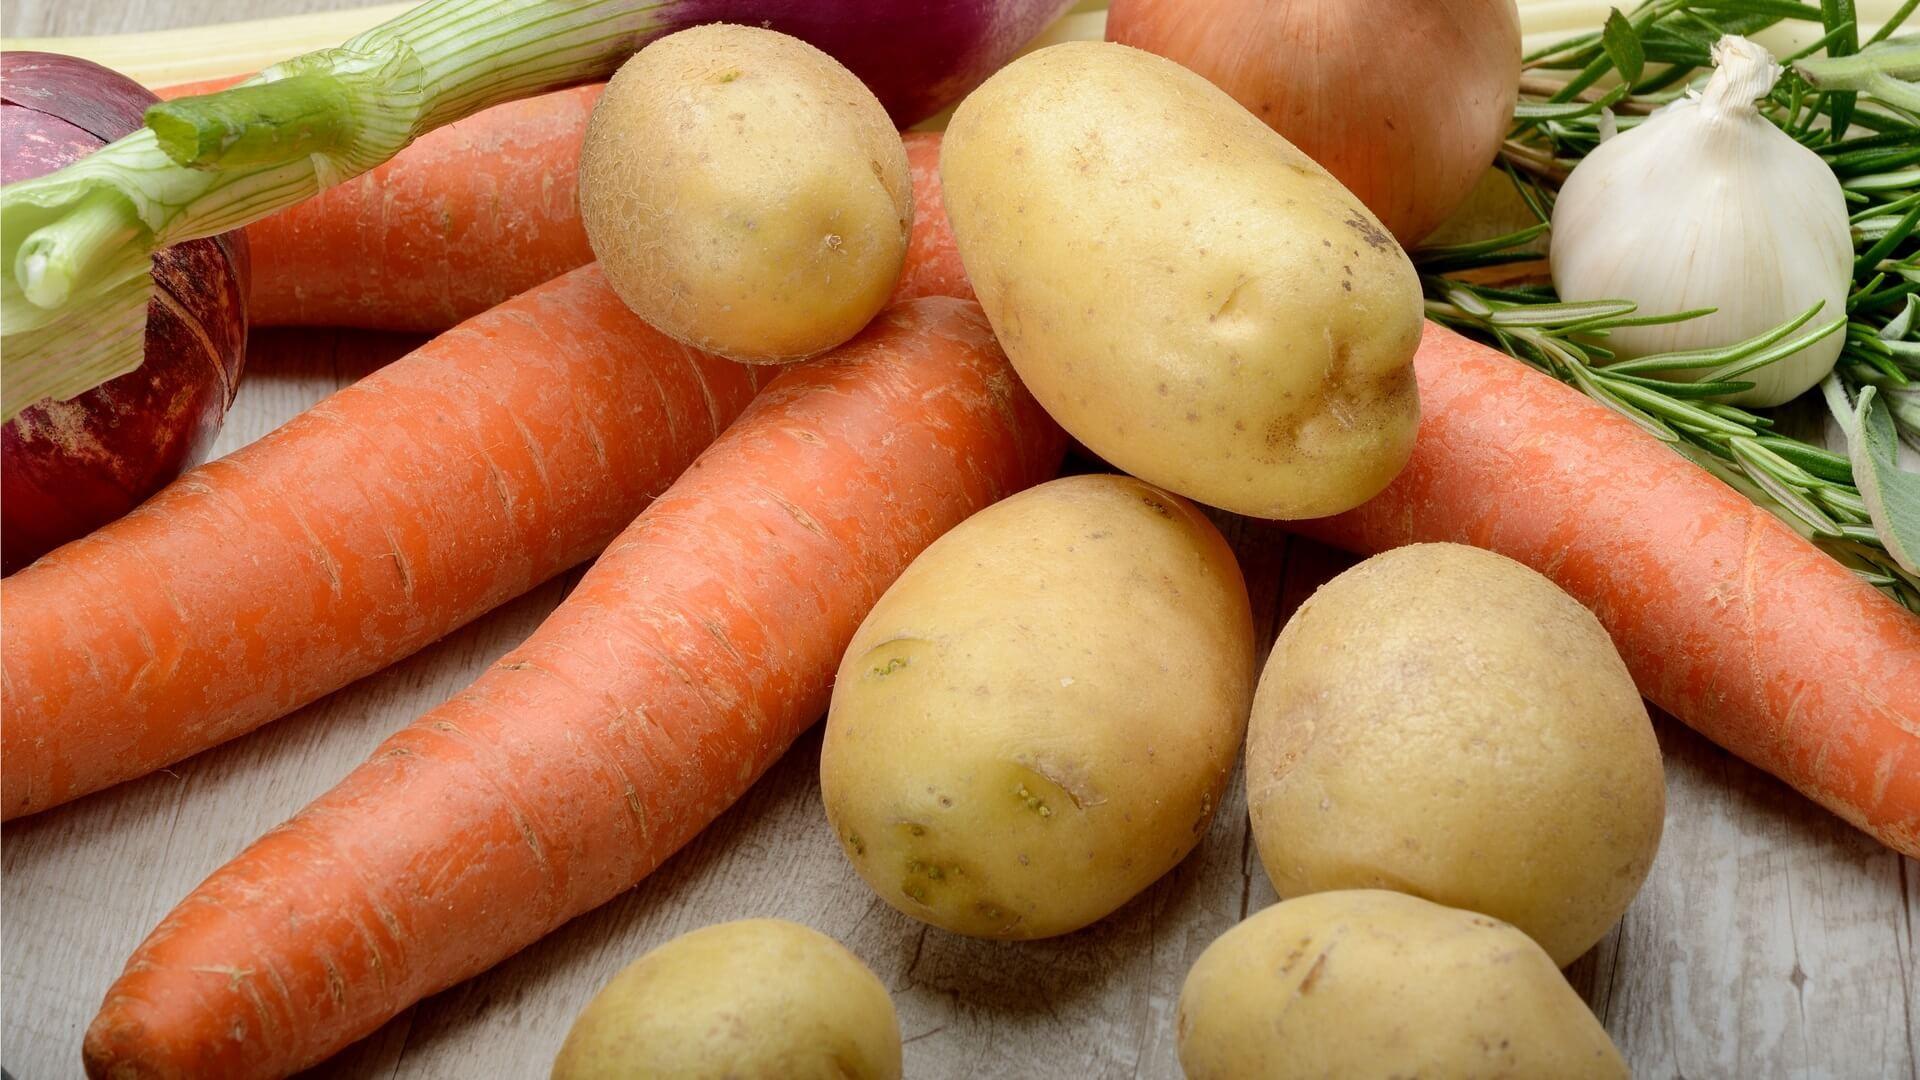 Raw carrots, potatoes and garlic